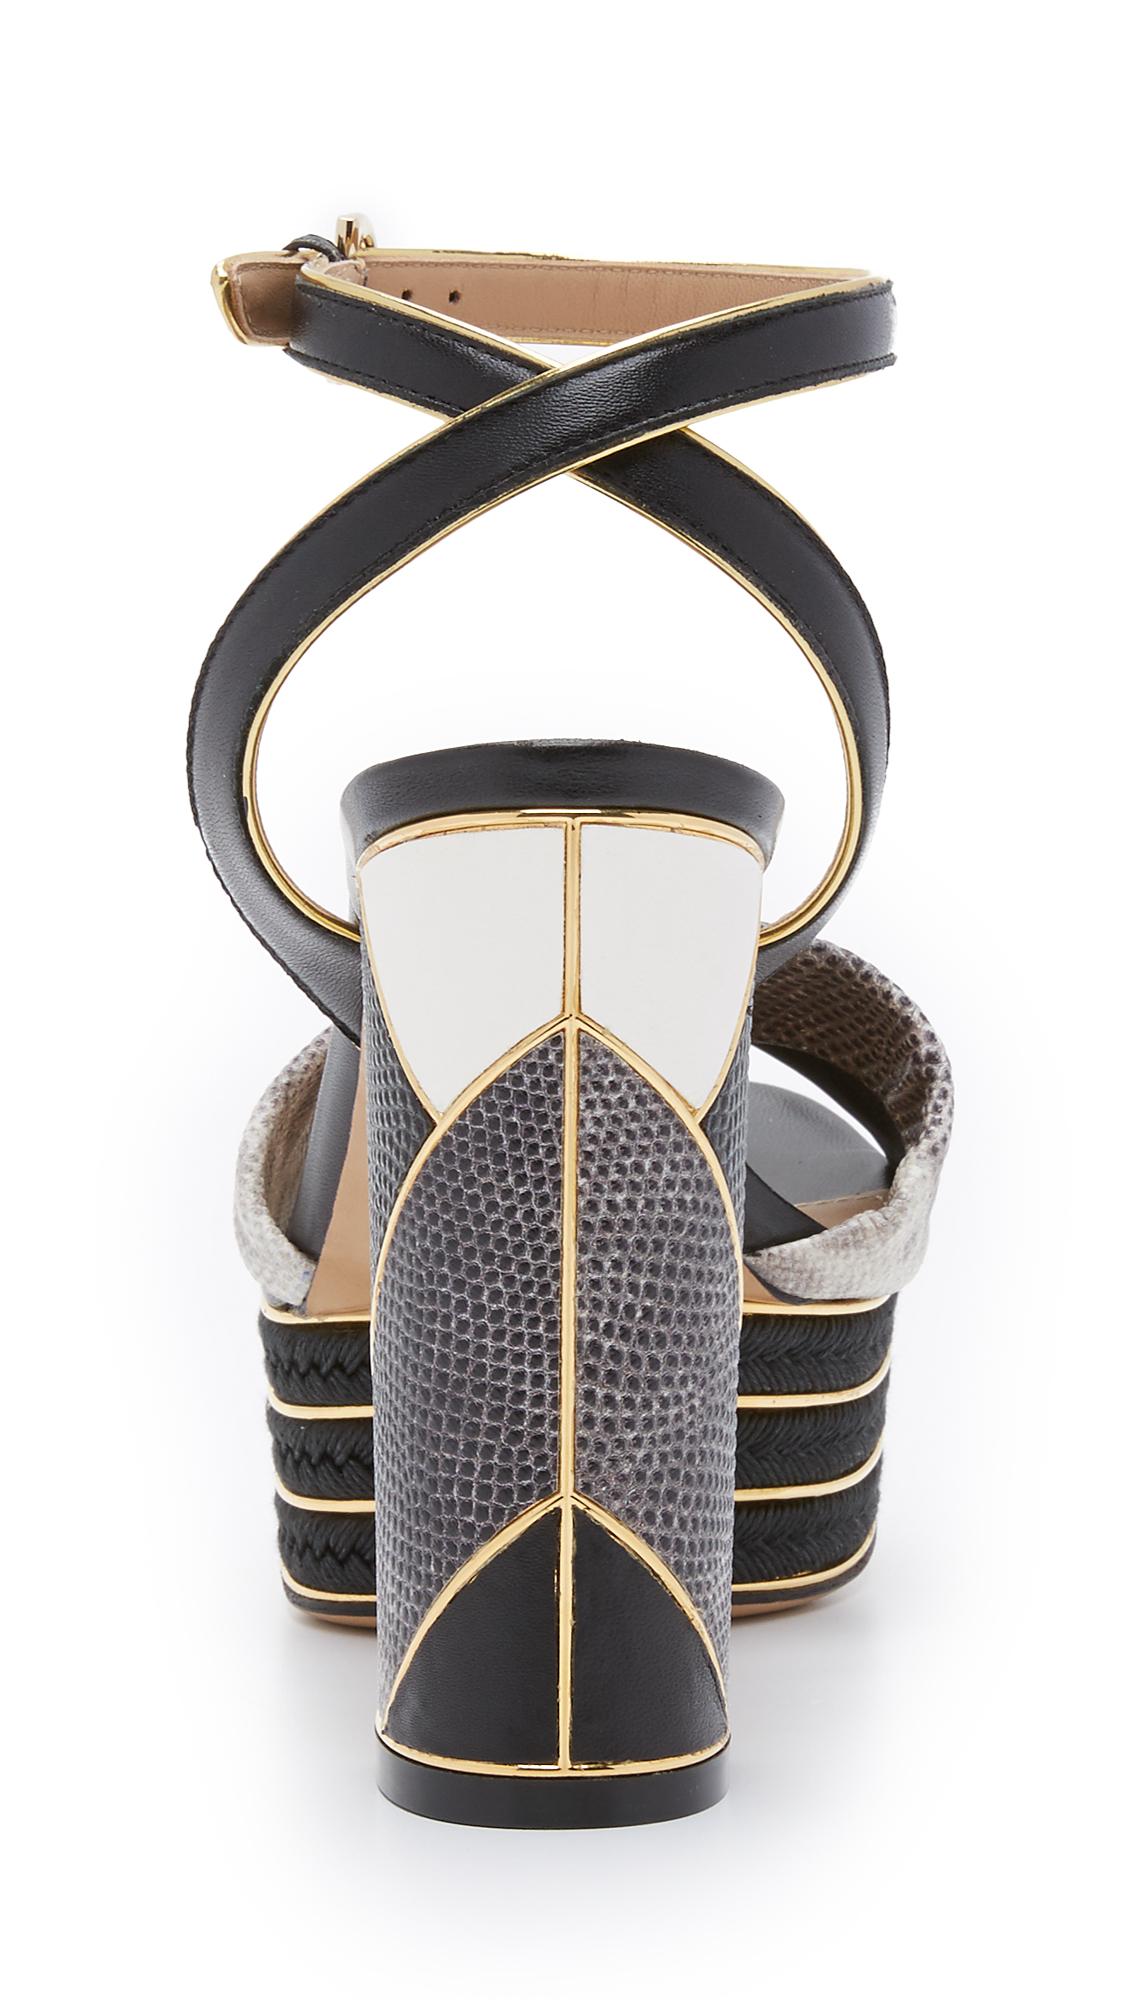 8ecb9d2fa3d Salvatore Ferragamo Gaga Platform Sandals